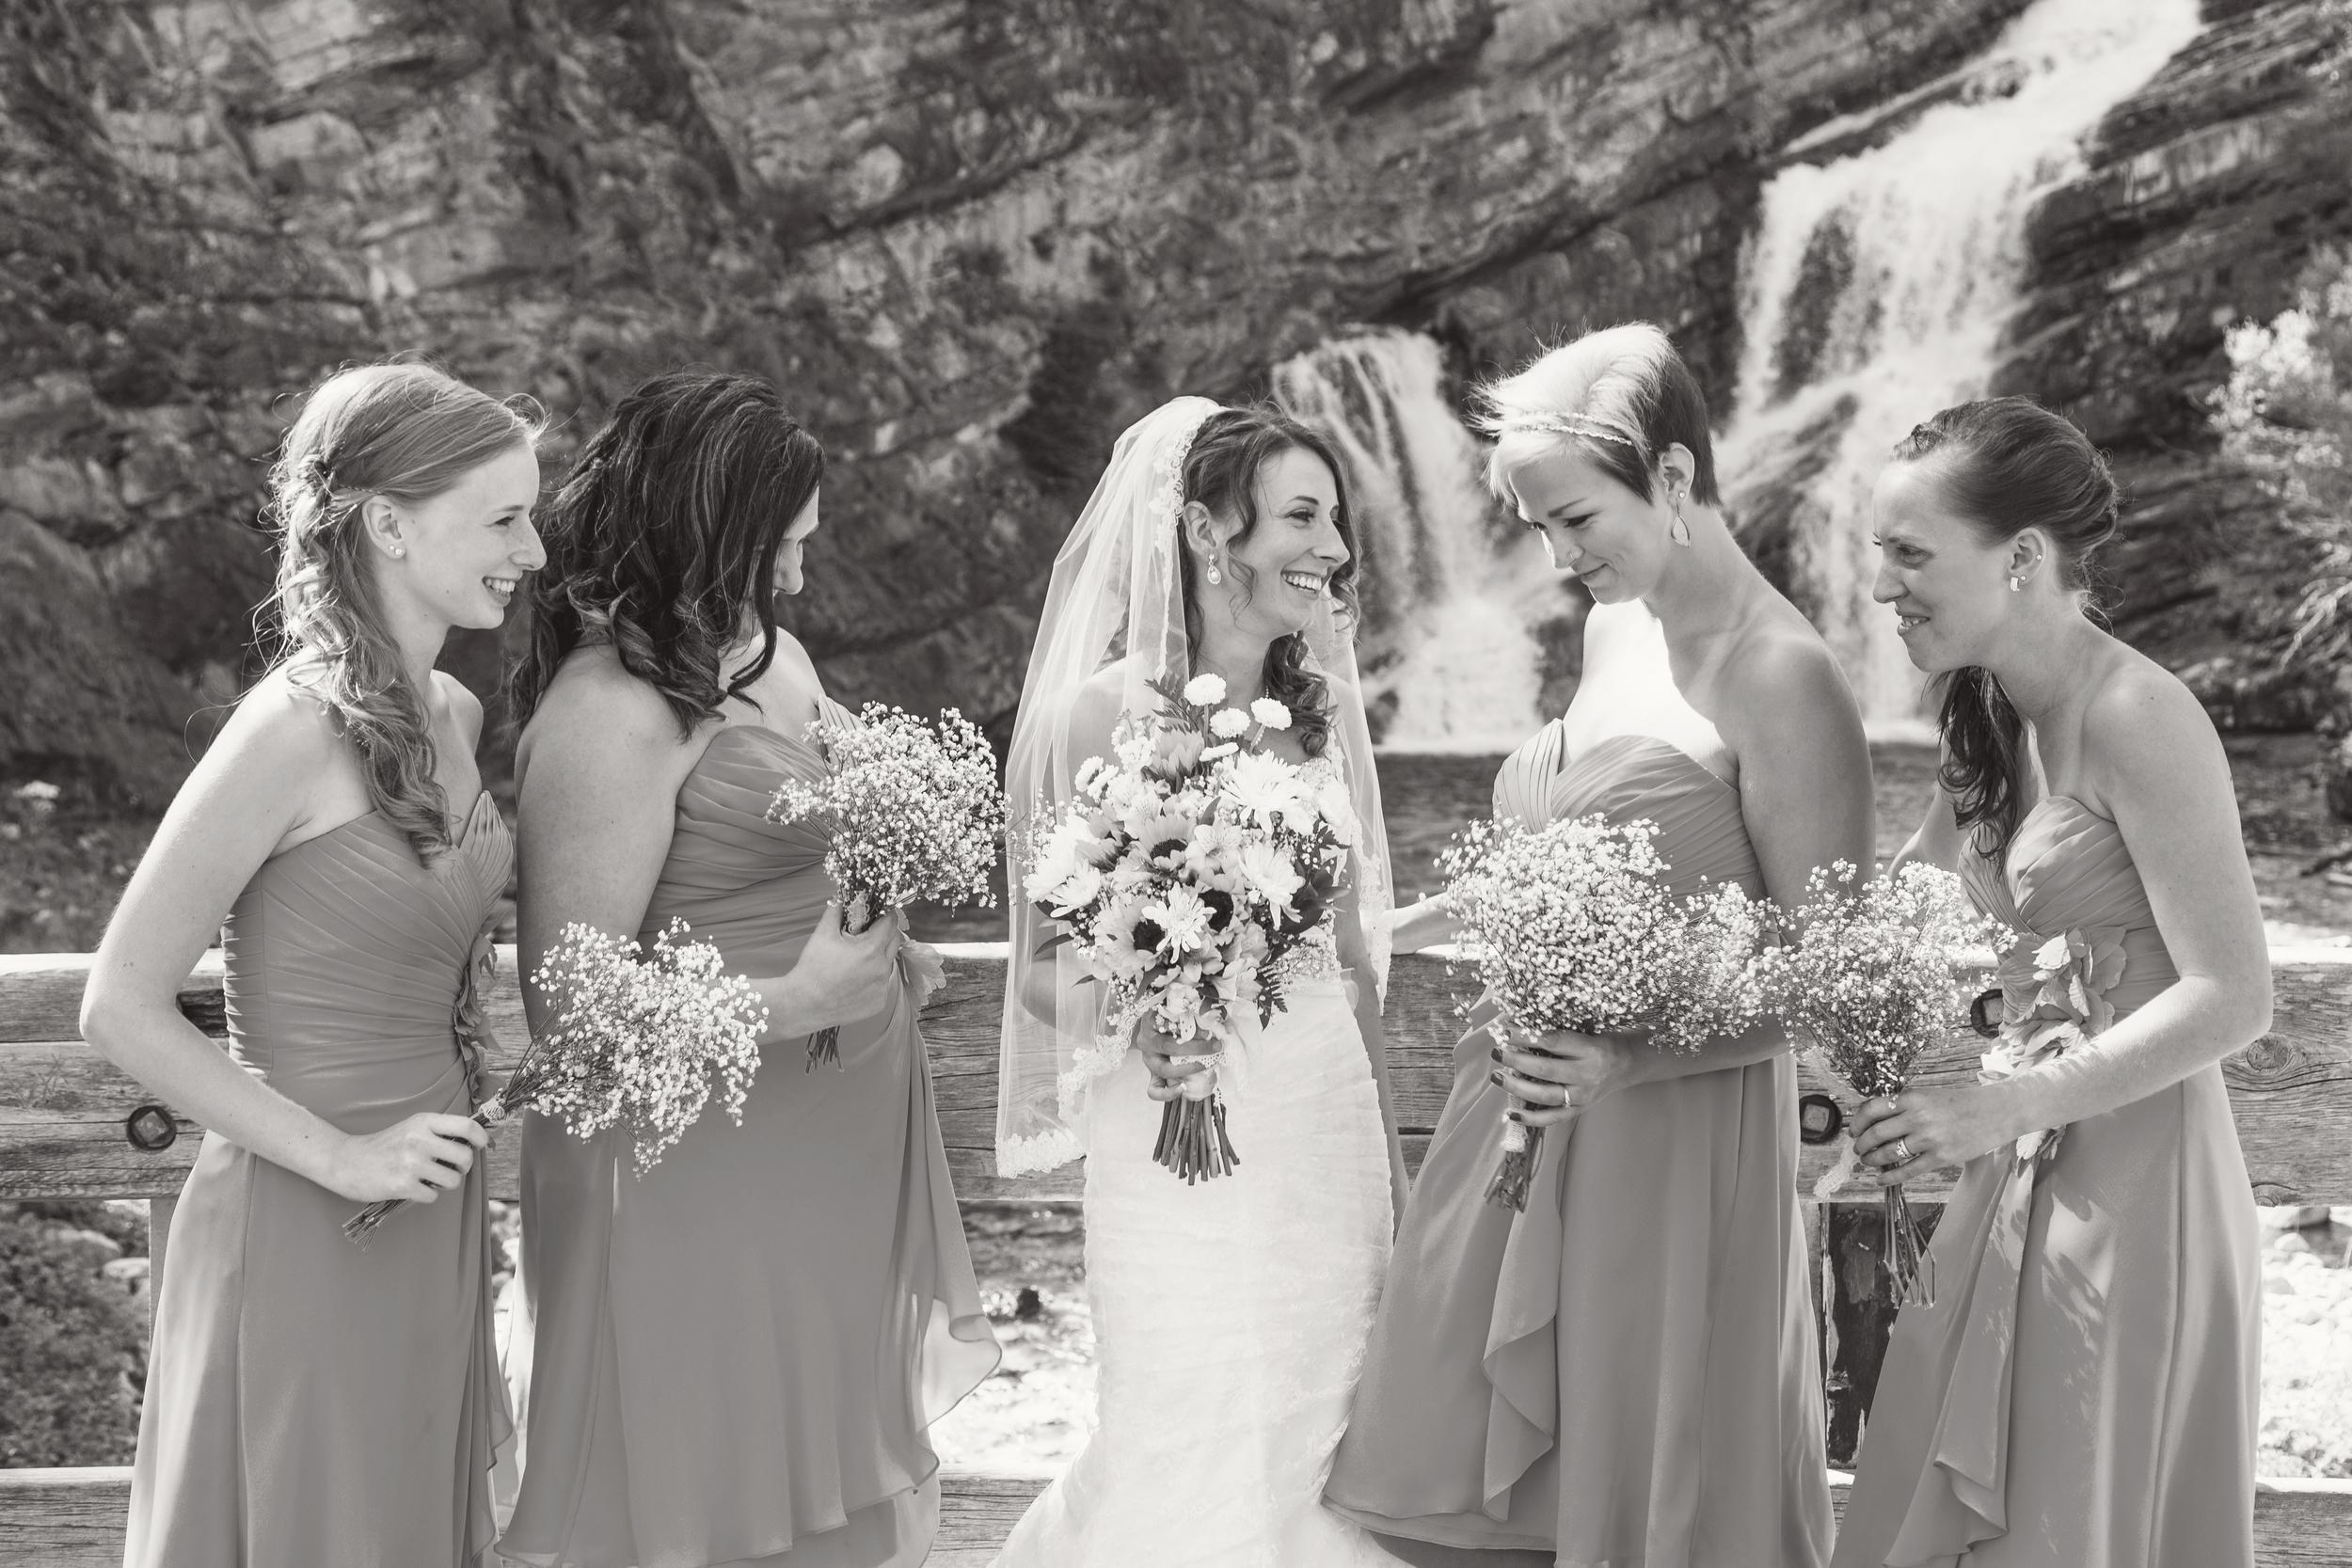 TJ_Wedding_304_bw.jpg